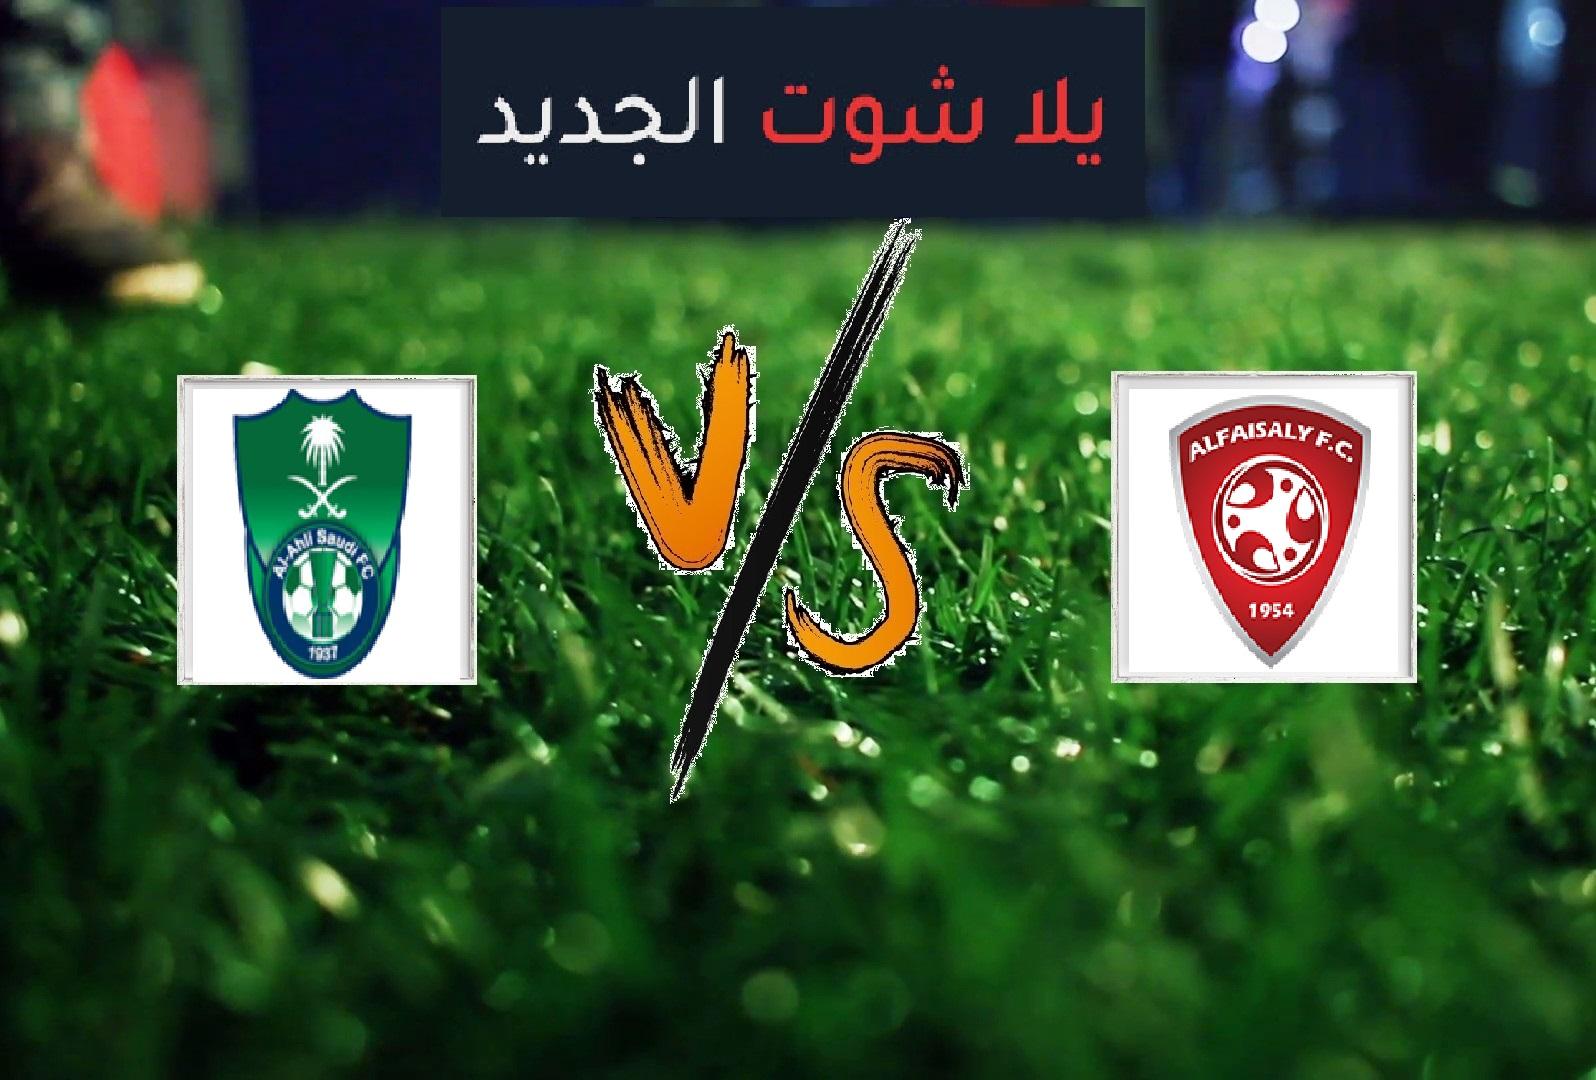 ملخص مباراة الاهلي والفيصلي اليوم السبت بتاريخ 11-05-2019 الدوري السعودي